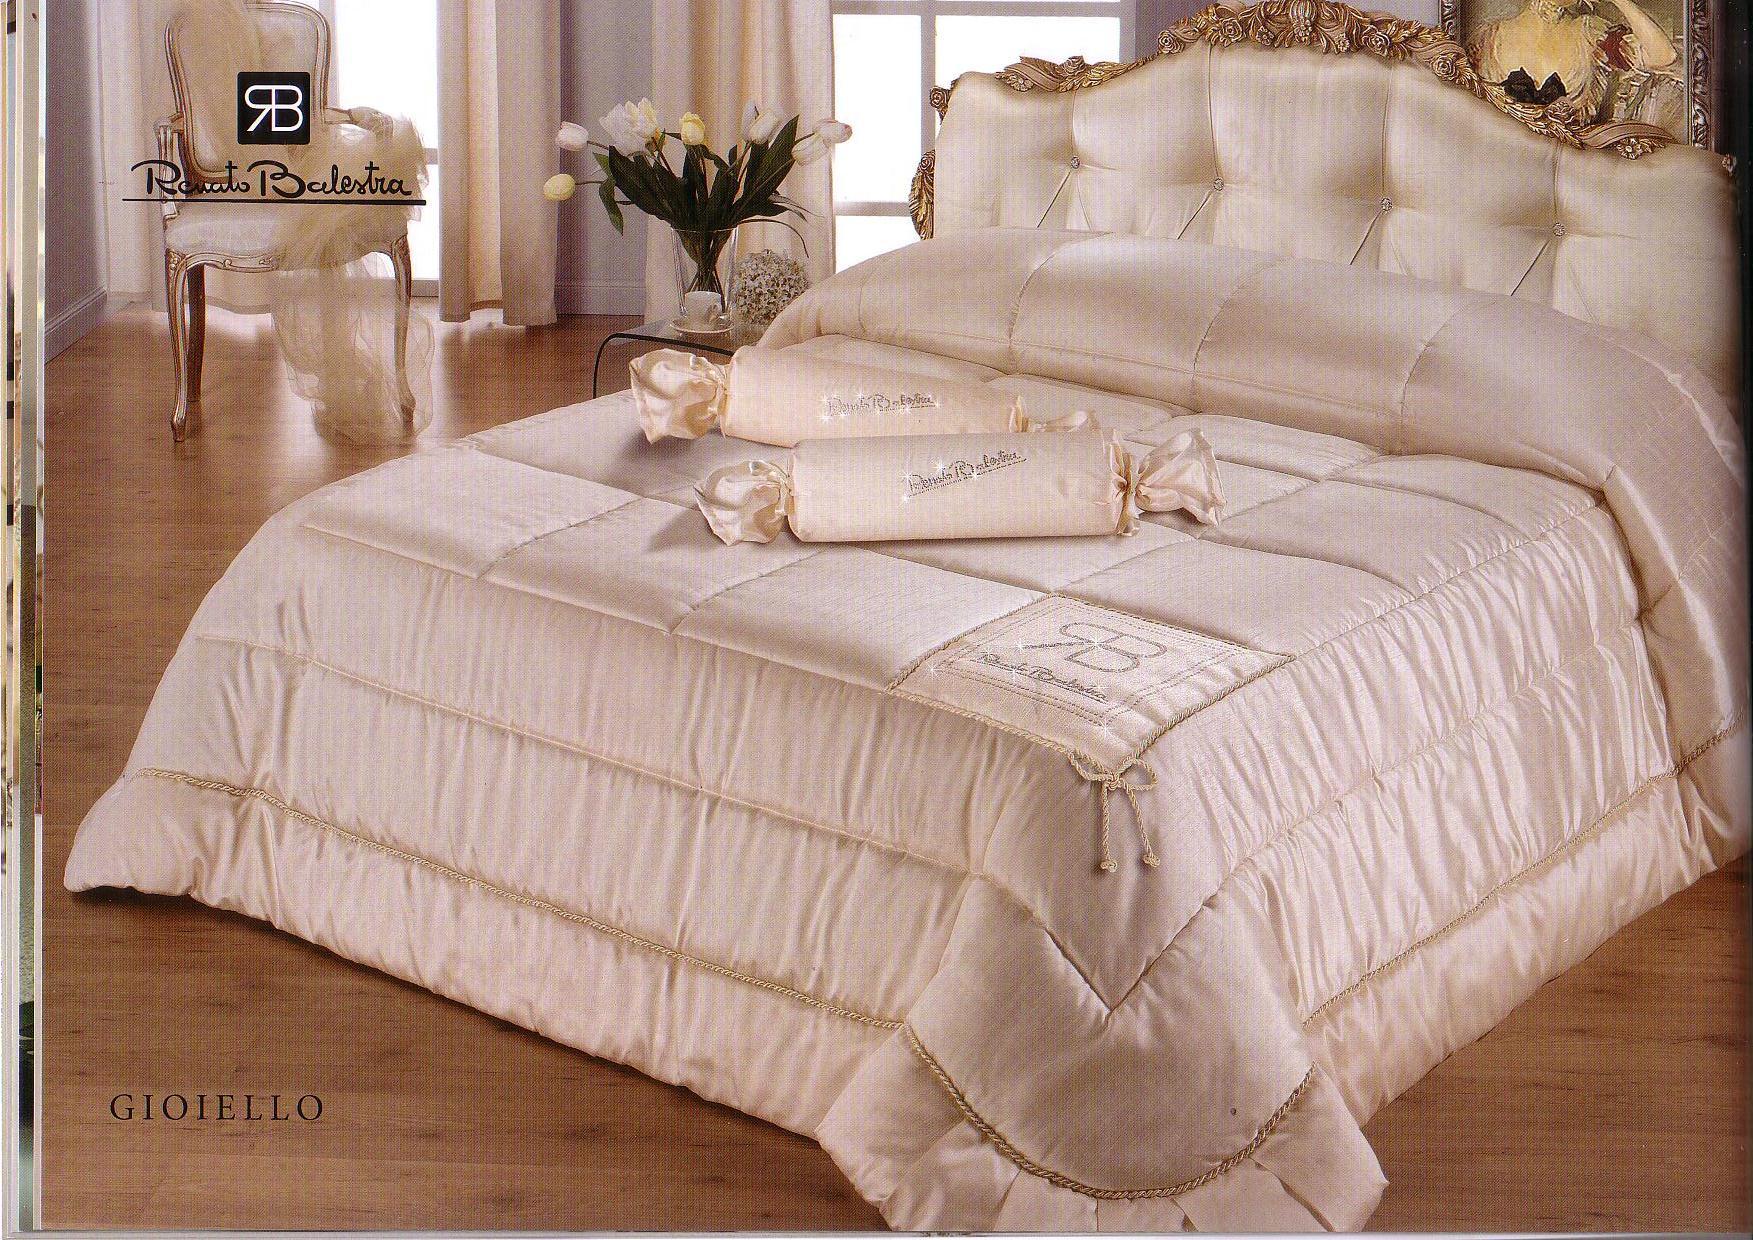 Trapunta renato balestra gioiello by g l g store - Copripoltrona letto ...